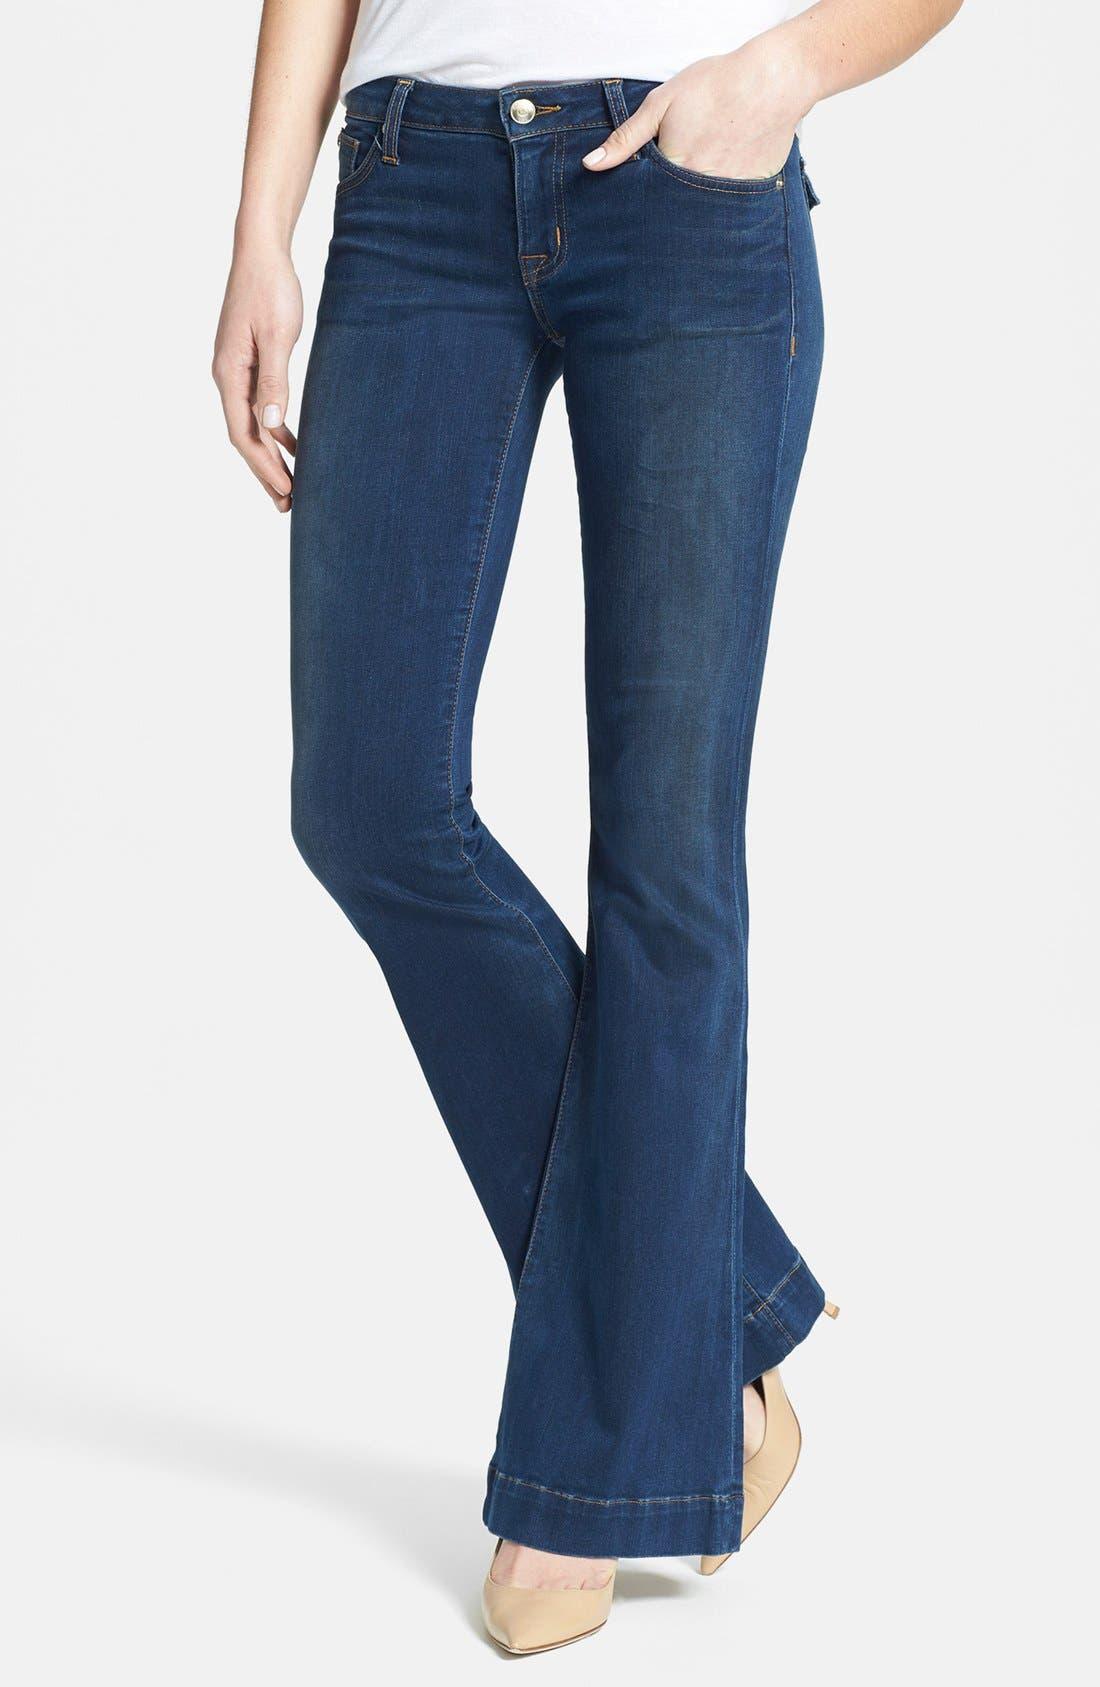 Alternate Image 1 Selected - Hudson Jeans 'Ferris' Flare Leg Jeans (Wanderlust)